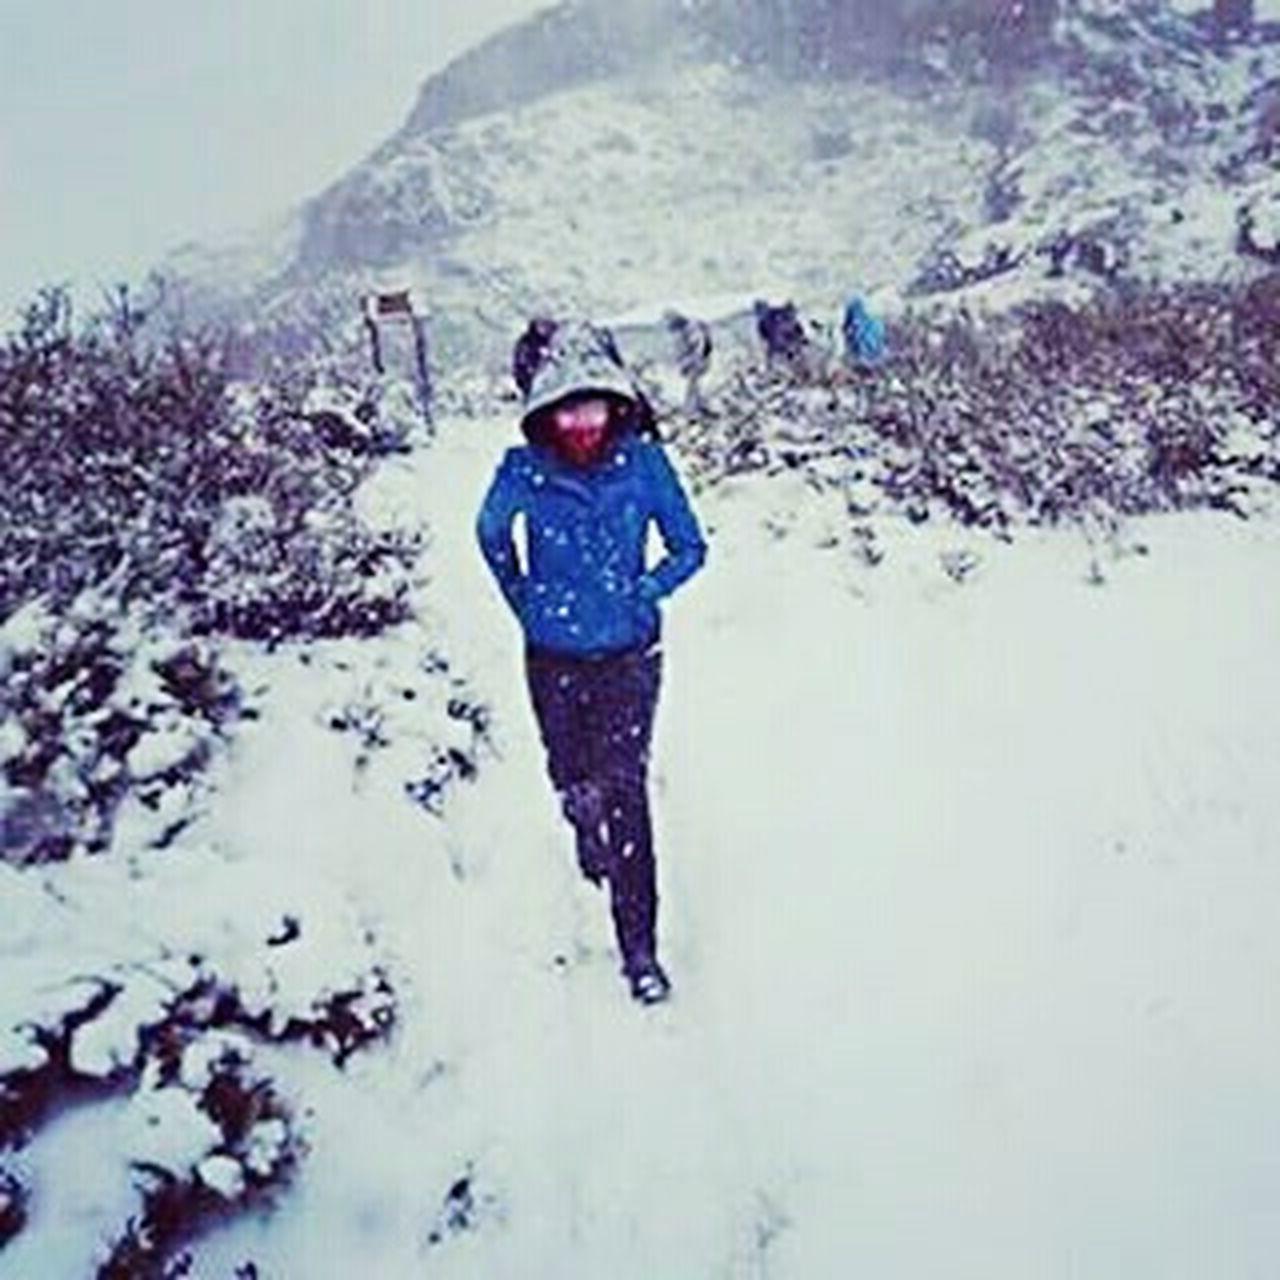 ¡Torres del paine! Nieve Inviernografias Invierno TorresDelPaine Torres Del Paine Chile♥ Maravillas Del Mundo Hotel Thyndall